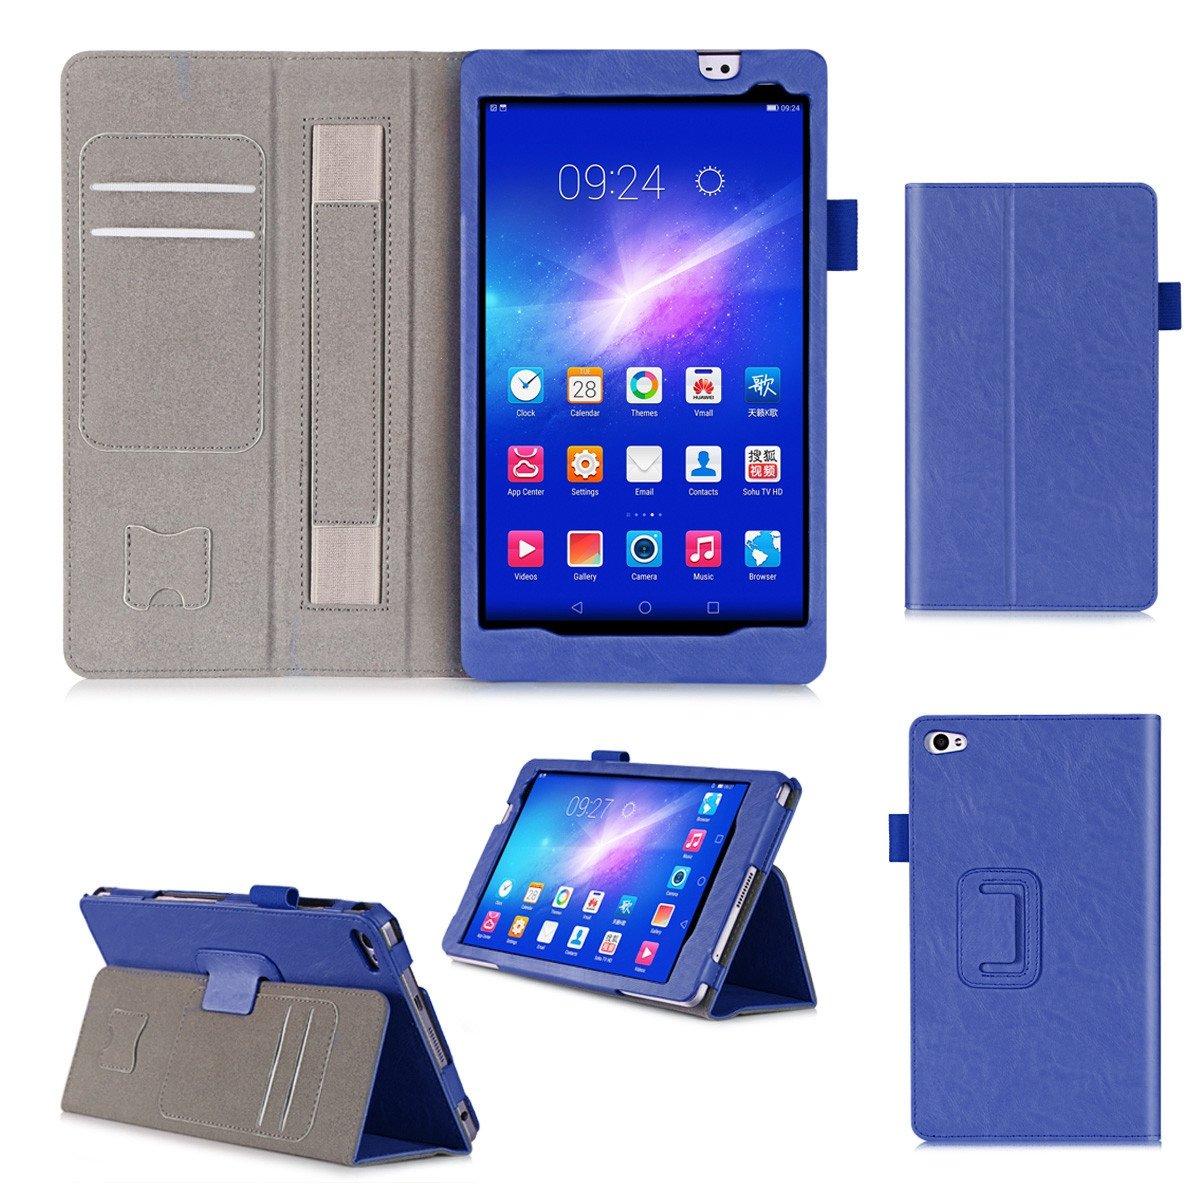 【通販 人気】 Huawei MediaPad M2 M2 8.0インチケース 高級本革ケース スタンド付き フリップカバー 8.0インチ用 ハンドメイド Huawei MediaPad MediaPad M2 8.0インチ用 ブルー B07LCH6QVJ, フォーチュンプラザ:42f94c05 --- a0267596.xsph.ru